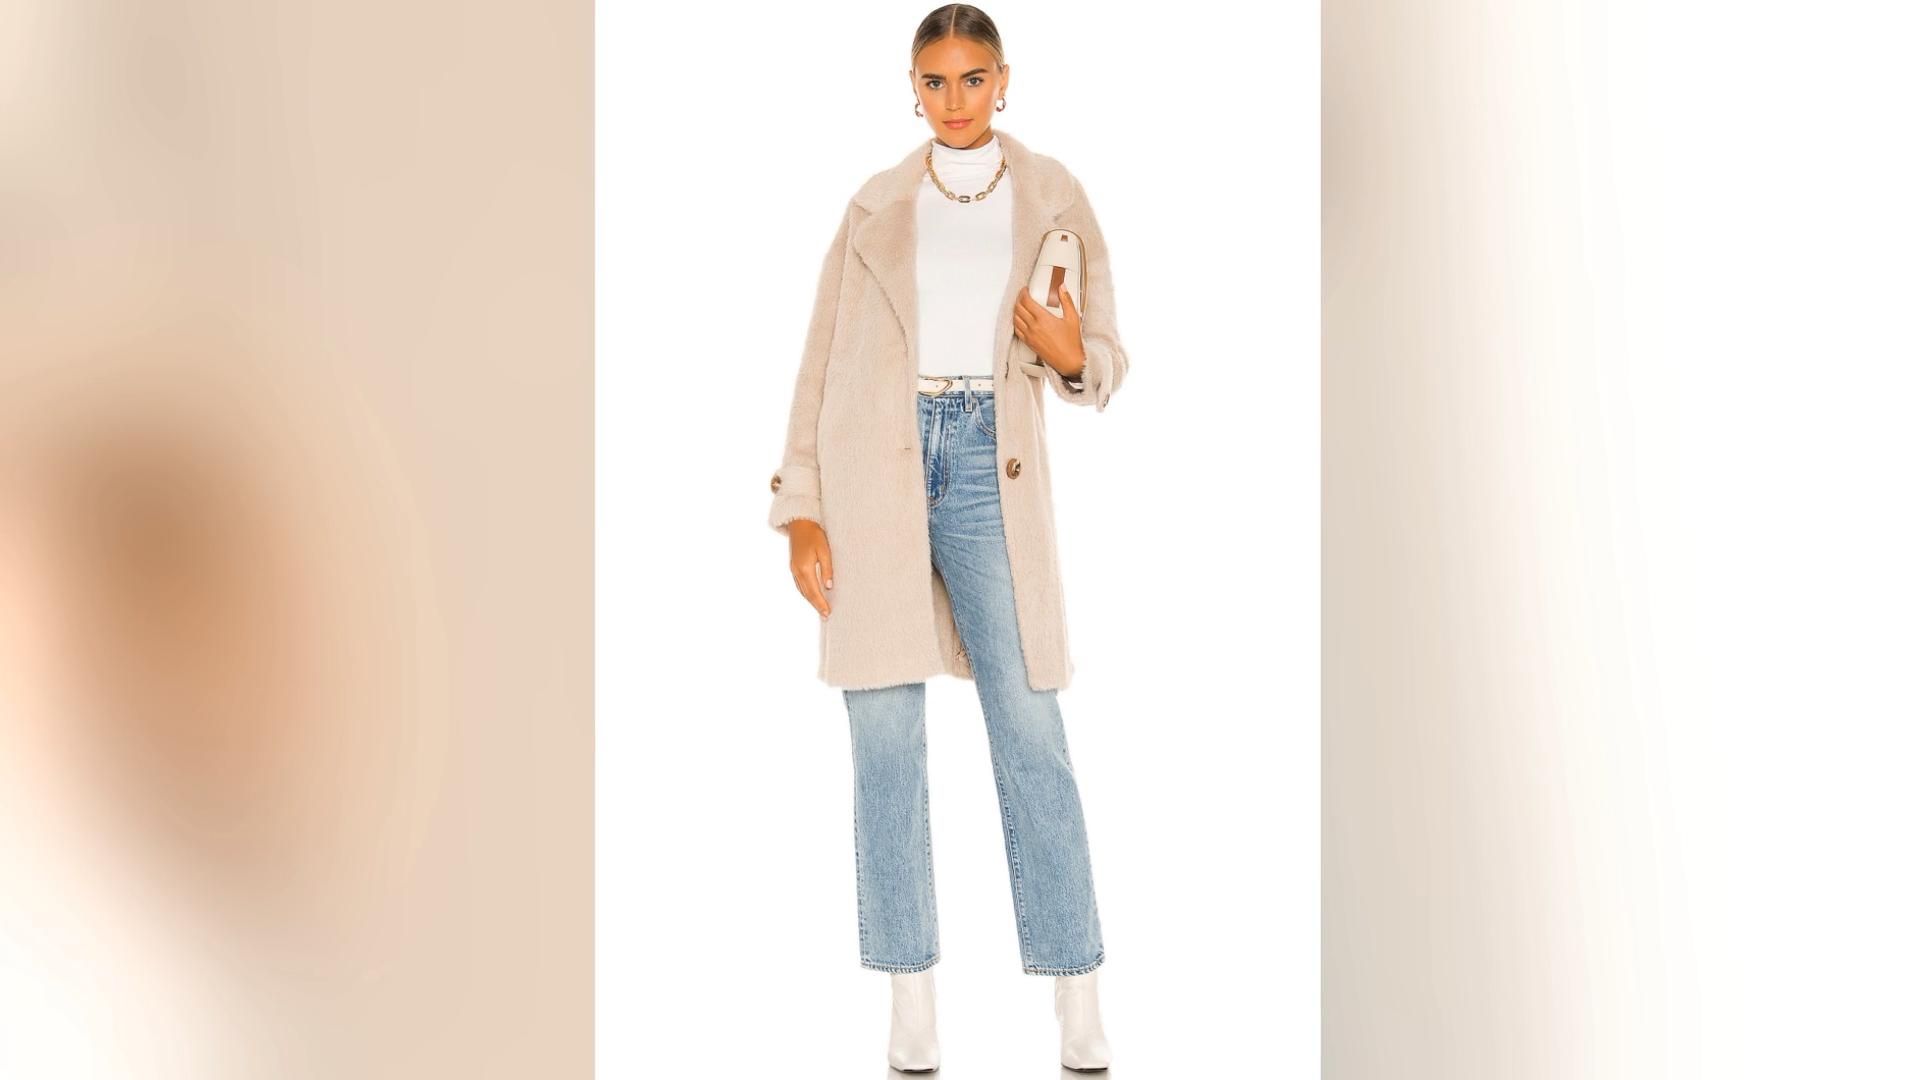 Fashion custom Clothes Wear Faux women winter cloths Long Sleeves warm jacket Faux fur Fleece long Coat